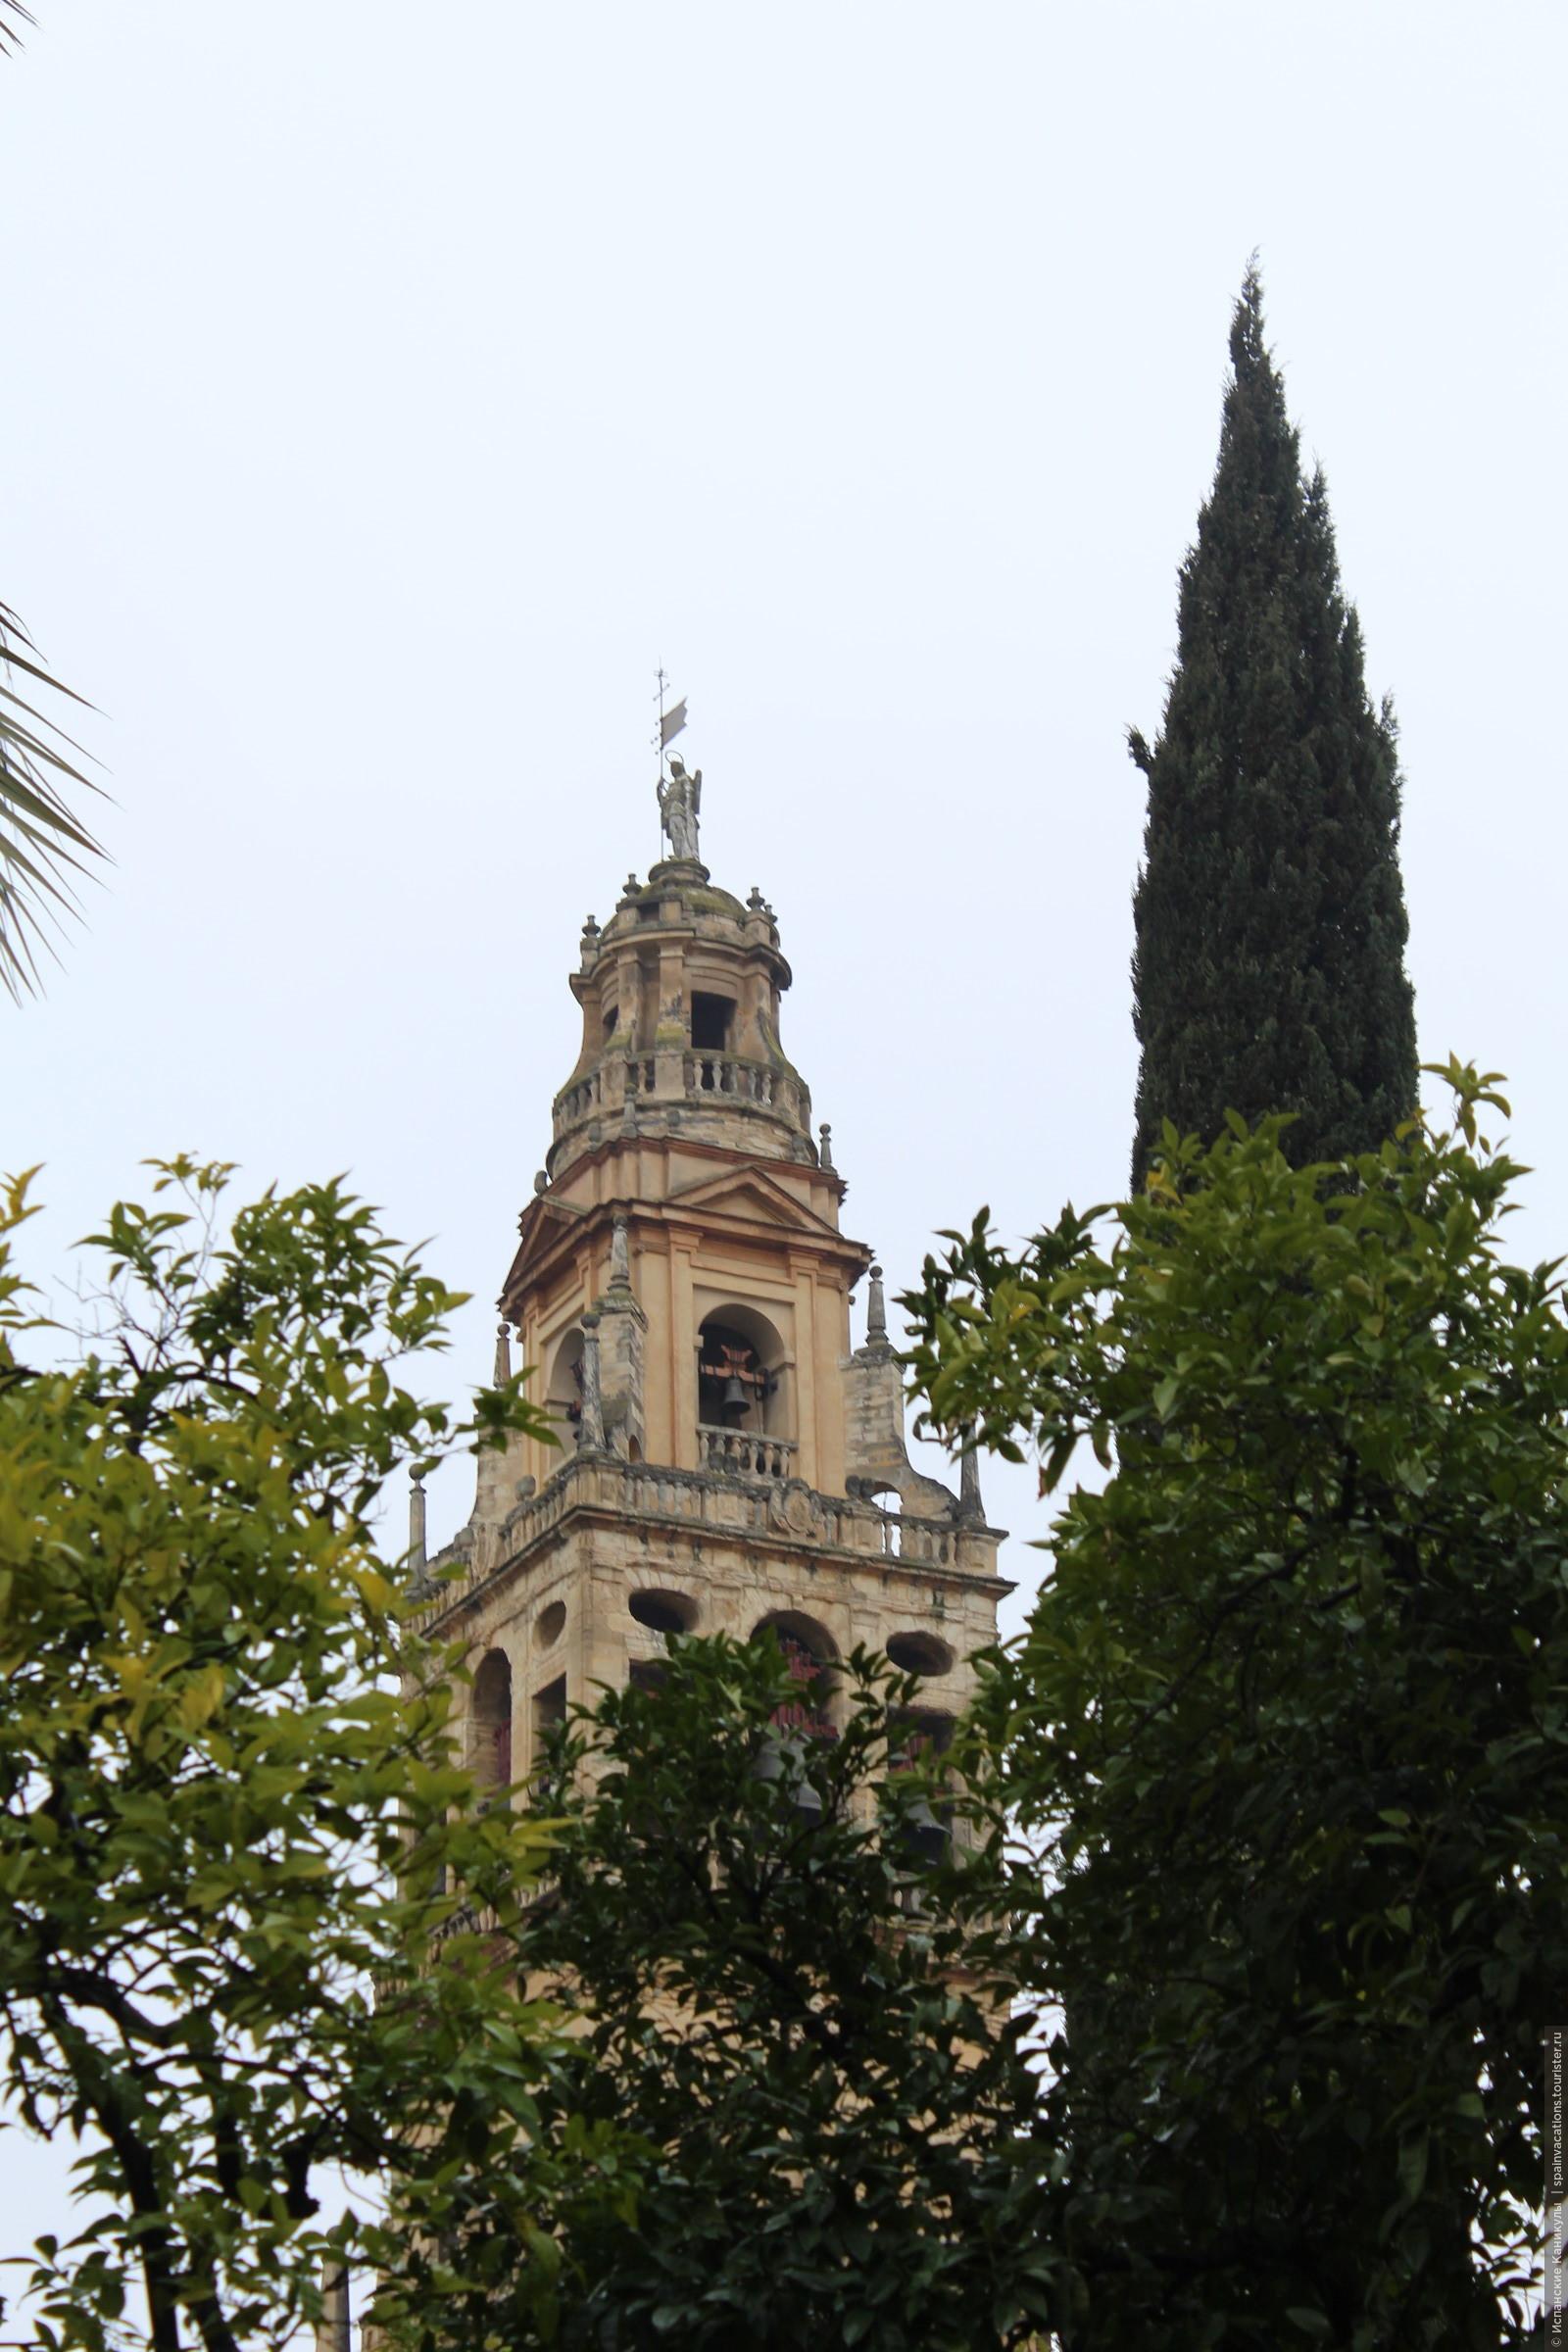 Главная достопримечательность Кордобы - Кафедральный собор. Был построен в VIII веке как Мечеть, в XIII веке стал христианским собором., Кордова